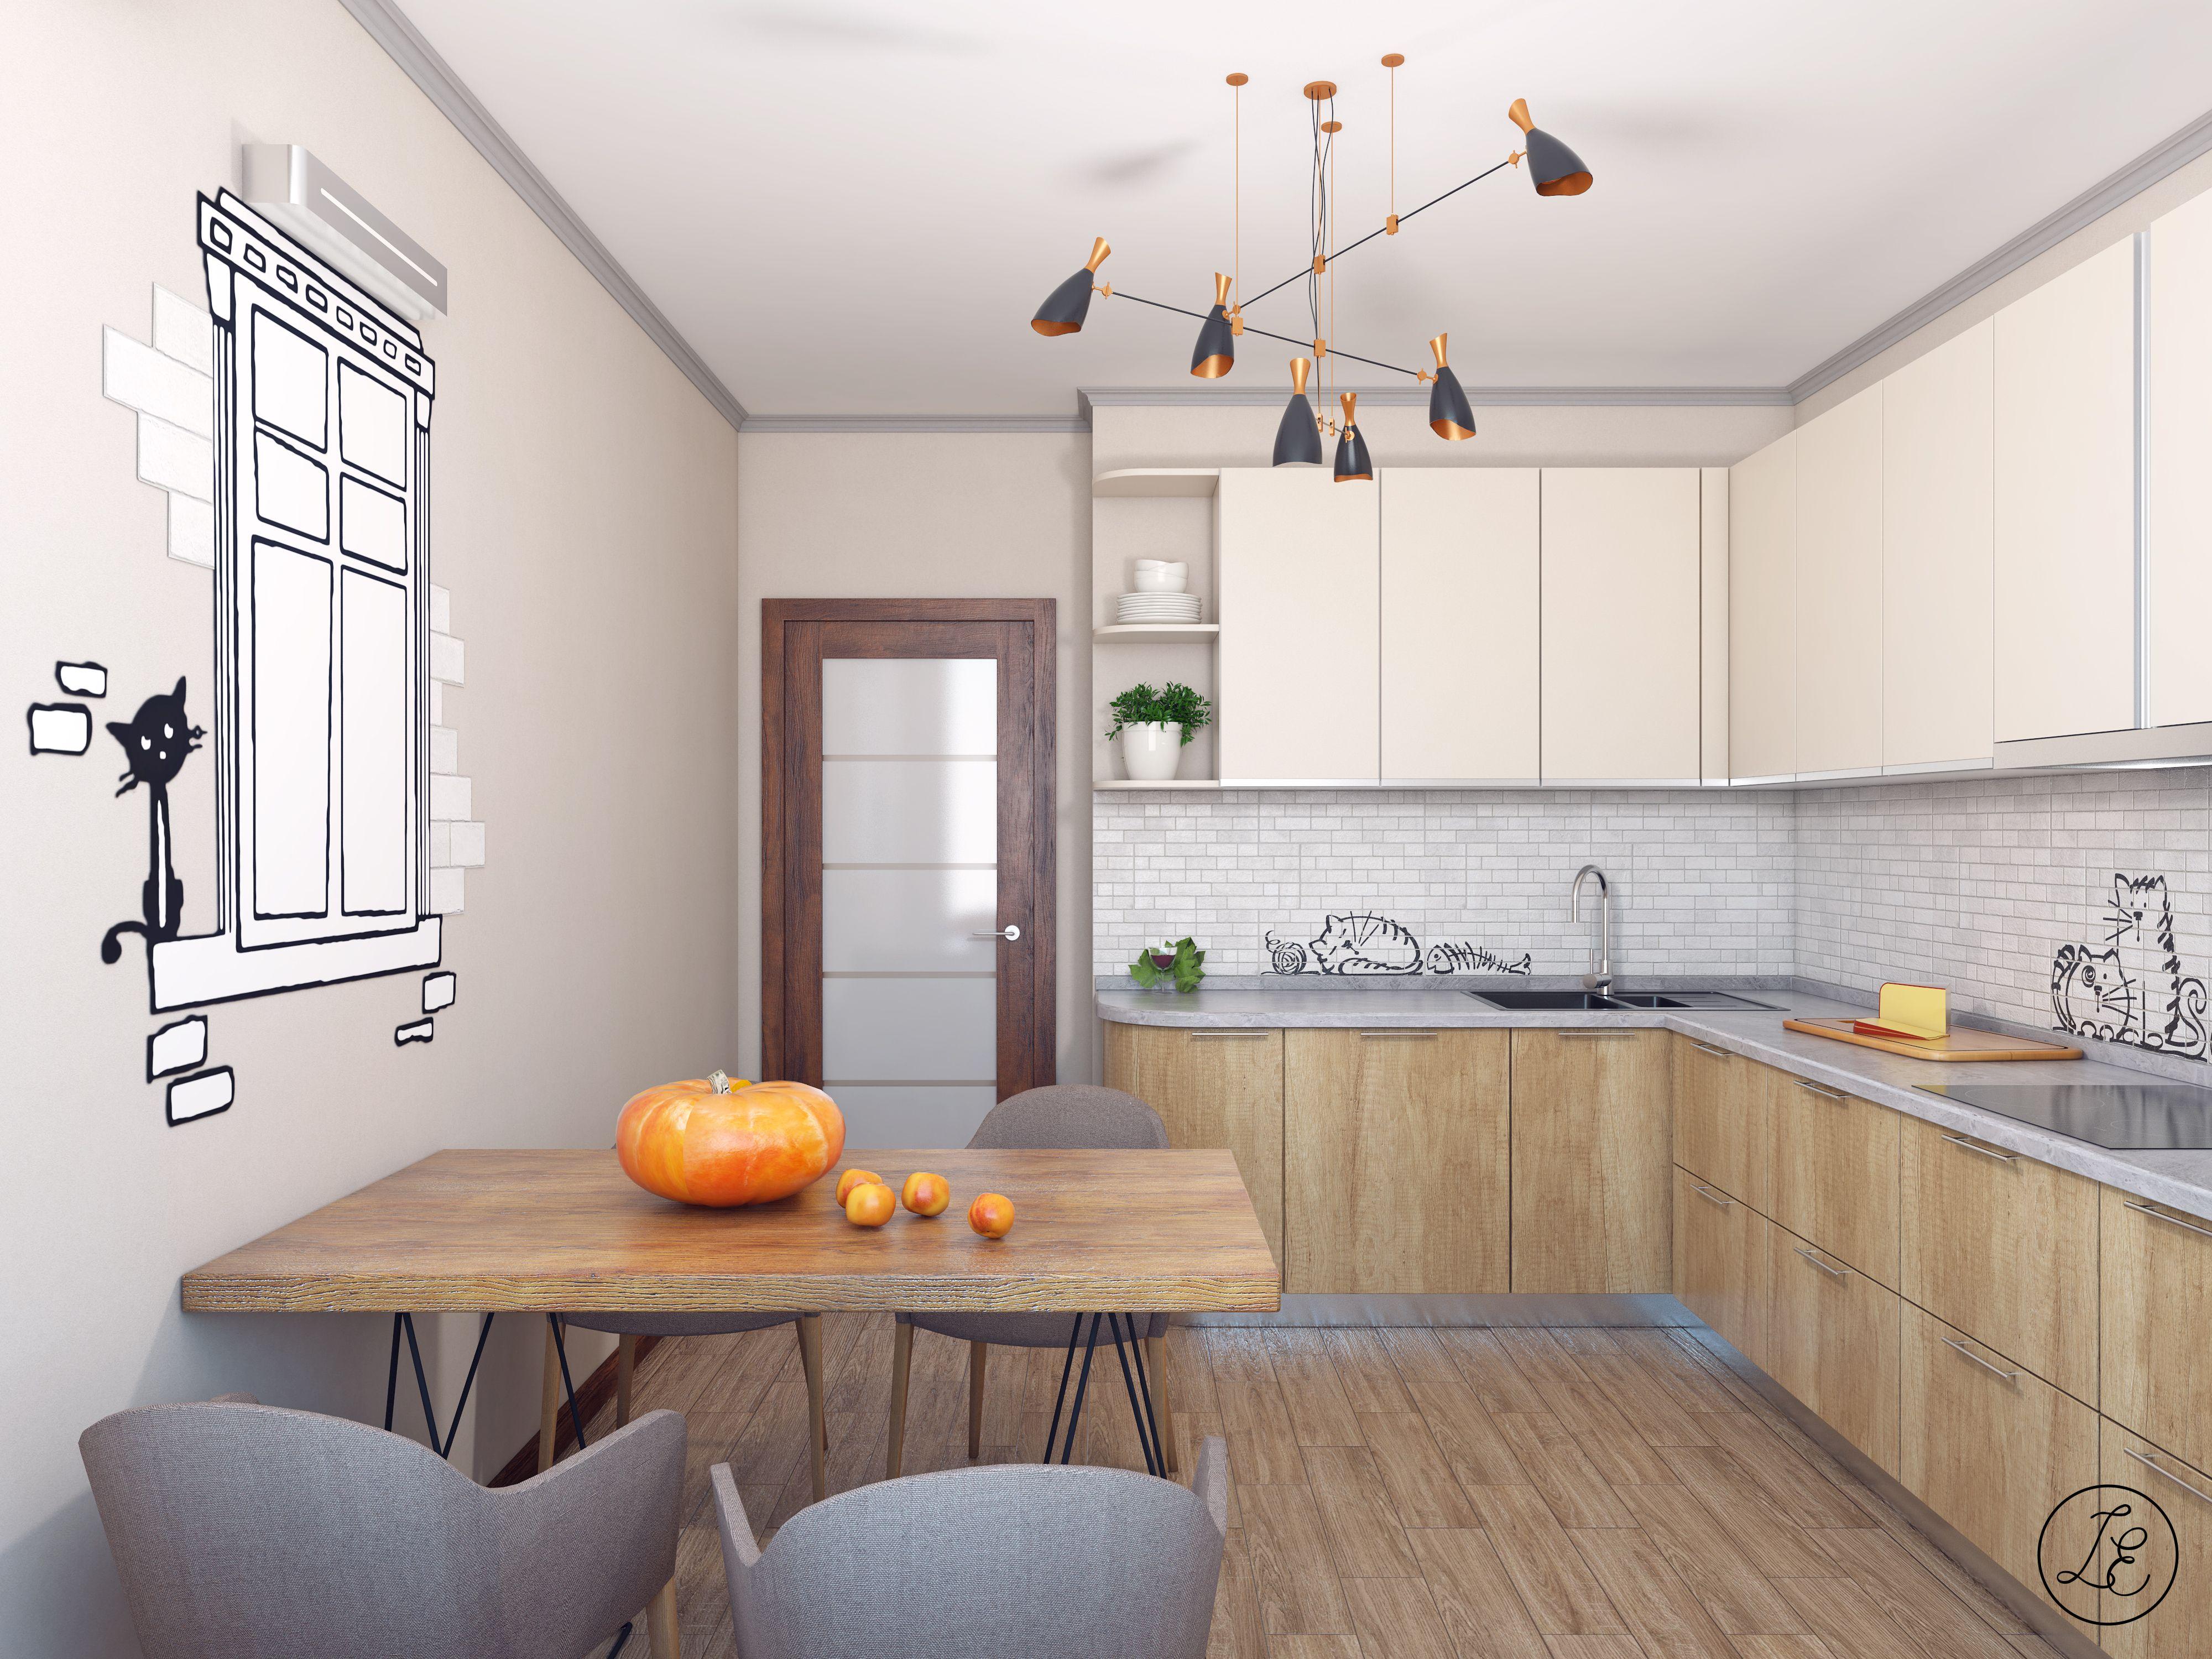 Interior design reative fairytale apartment Kitchen Designer